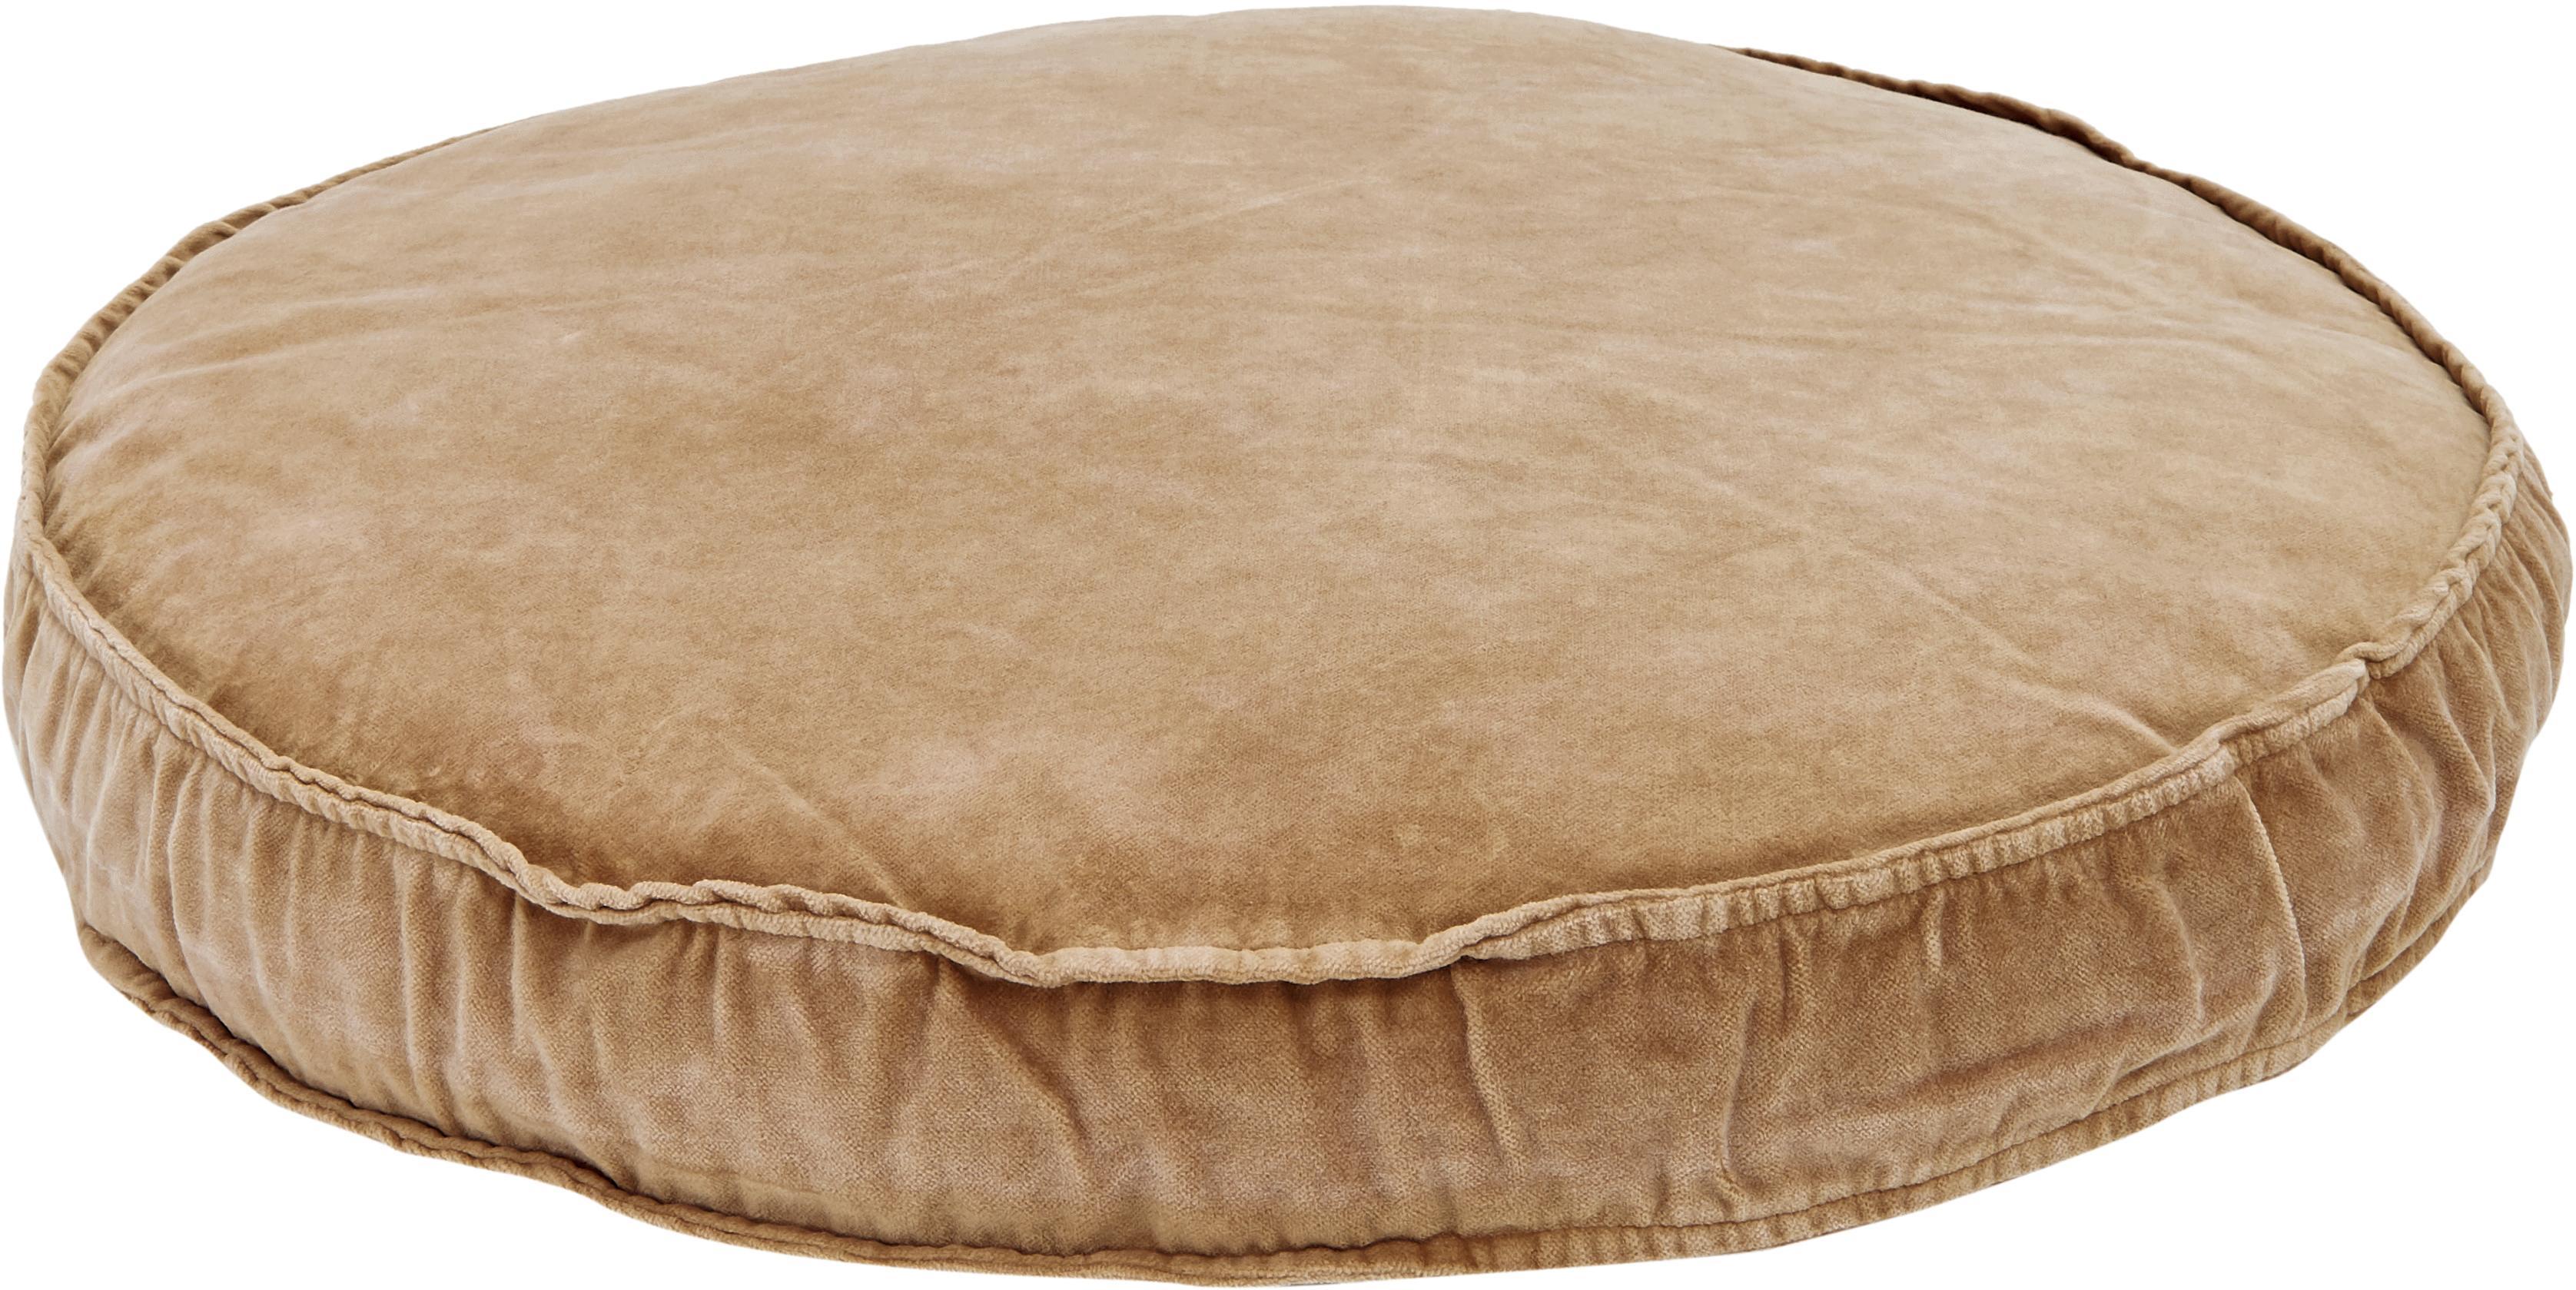 Großes Samt-Sitzkissen Runda, Vorderseite: Baumwollsamt, Rückseite: 100% Baumwolle, Sandfarben, Ø 60 x H 6 cm